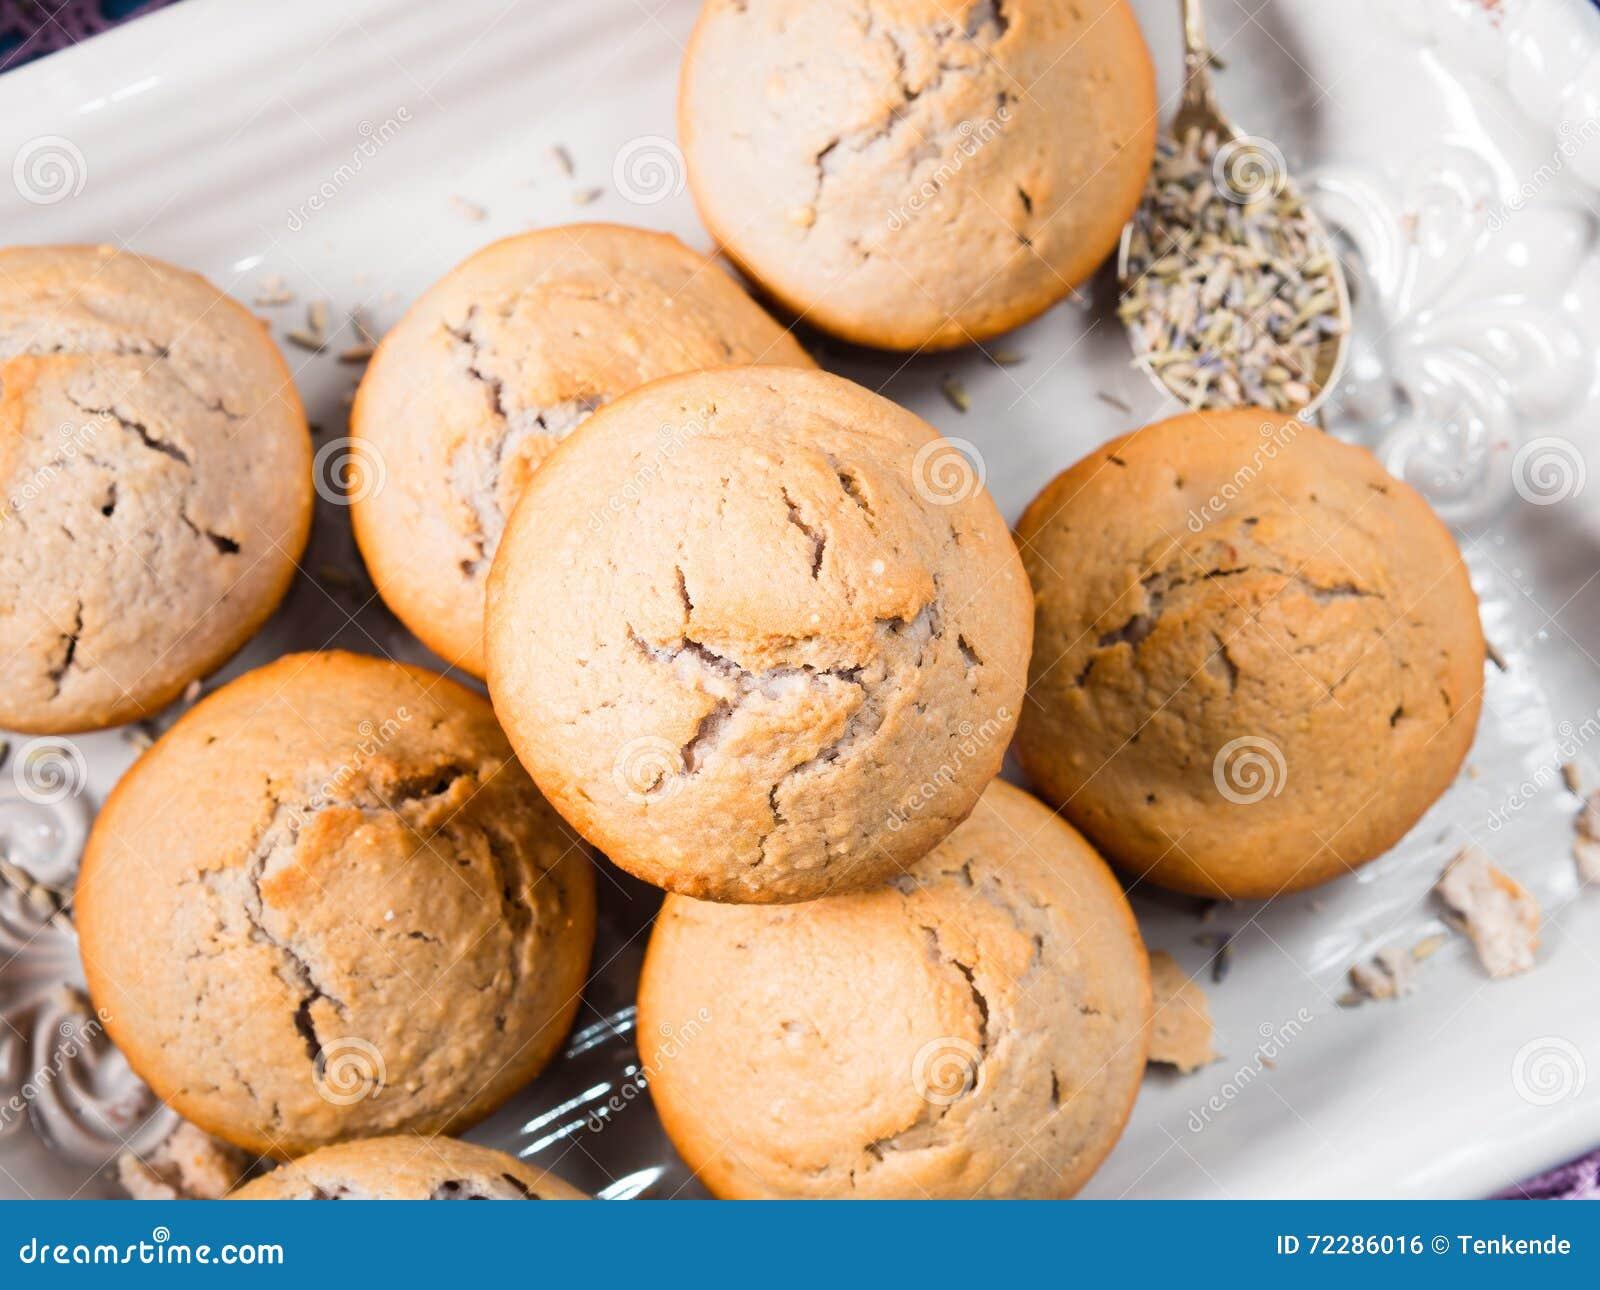 Download Булочки лаванды на подносе стоковое фото. изображение насчитывающей bakersfield - 72286016